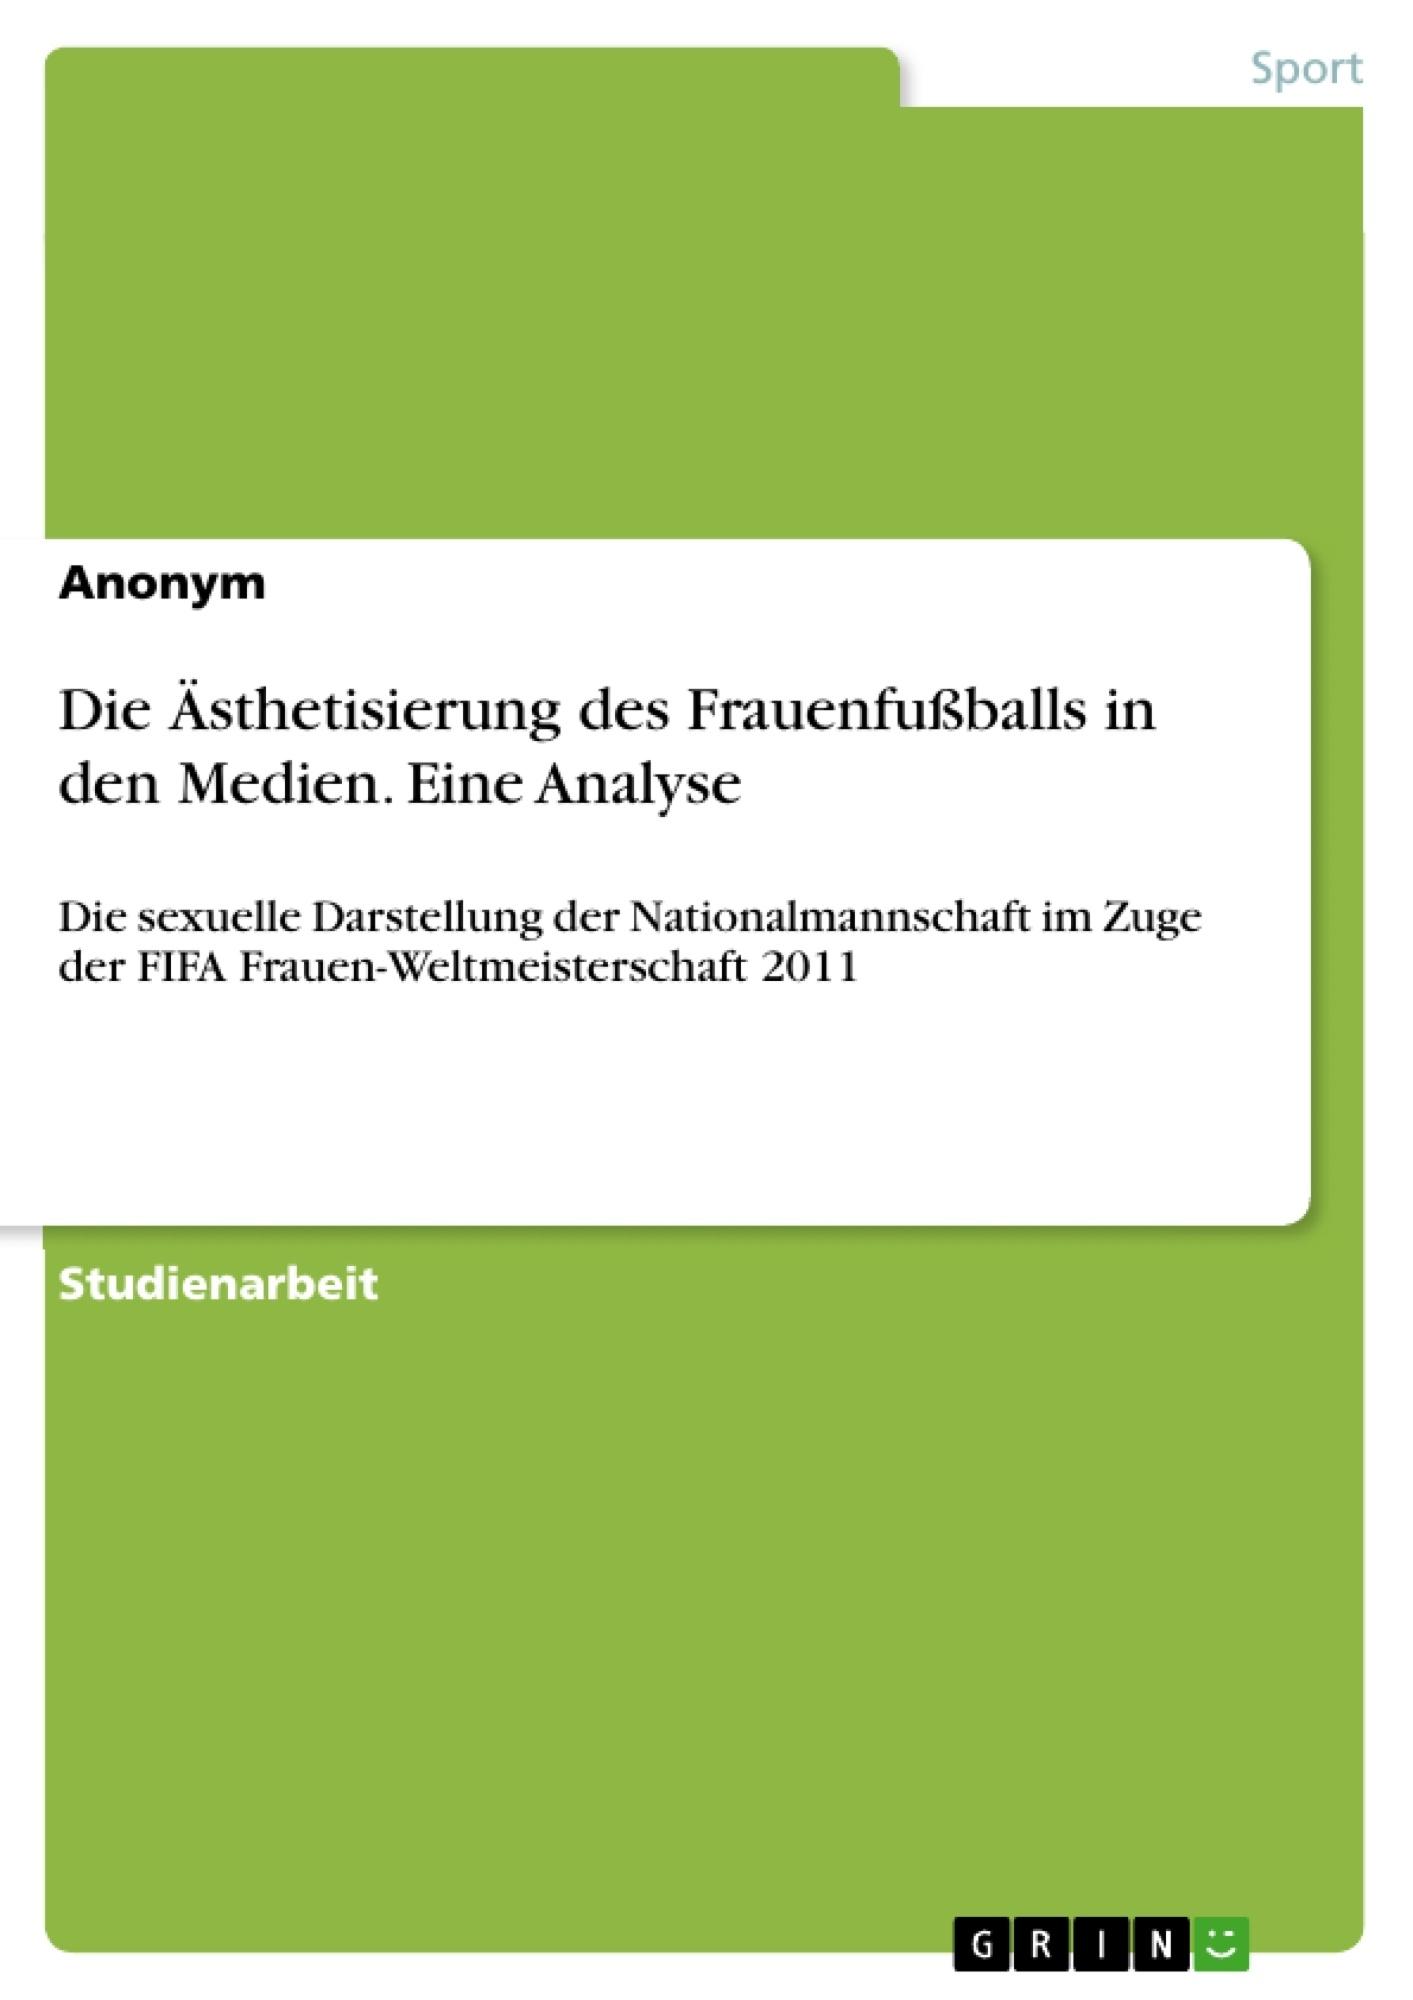 Titel: Die Ästhetisierung des Frauenfußballs in den Medien. Eine Analyse